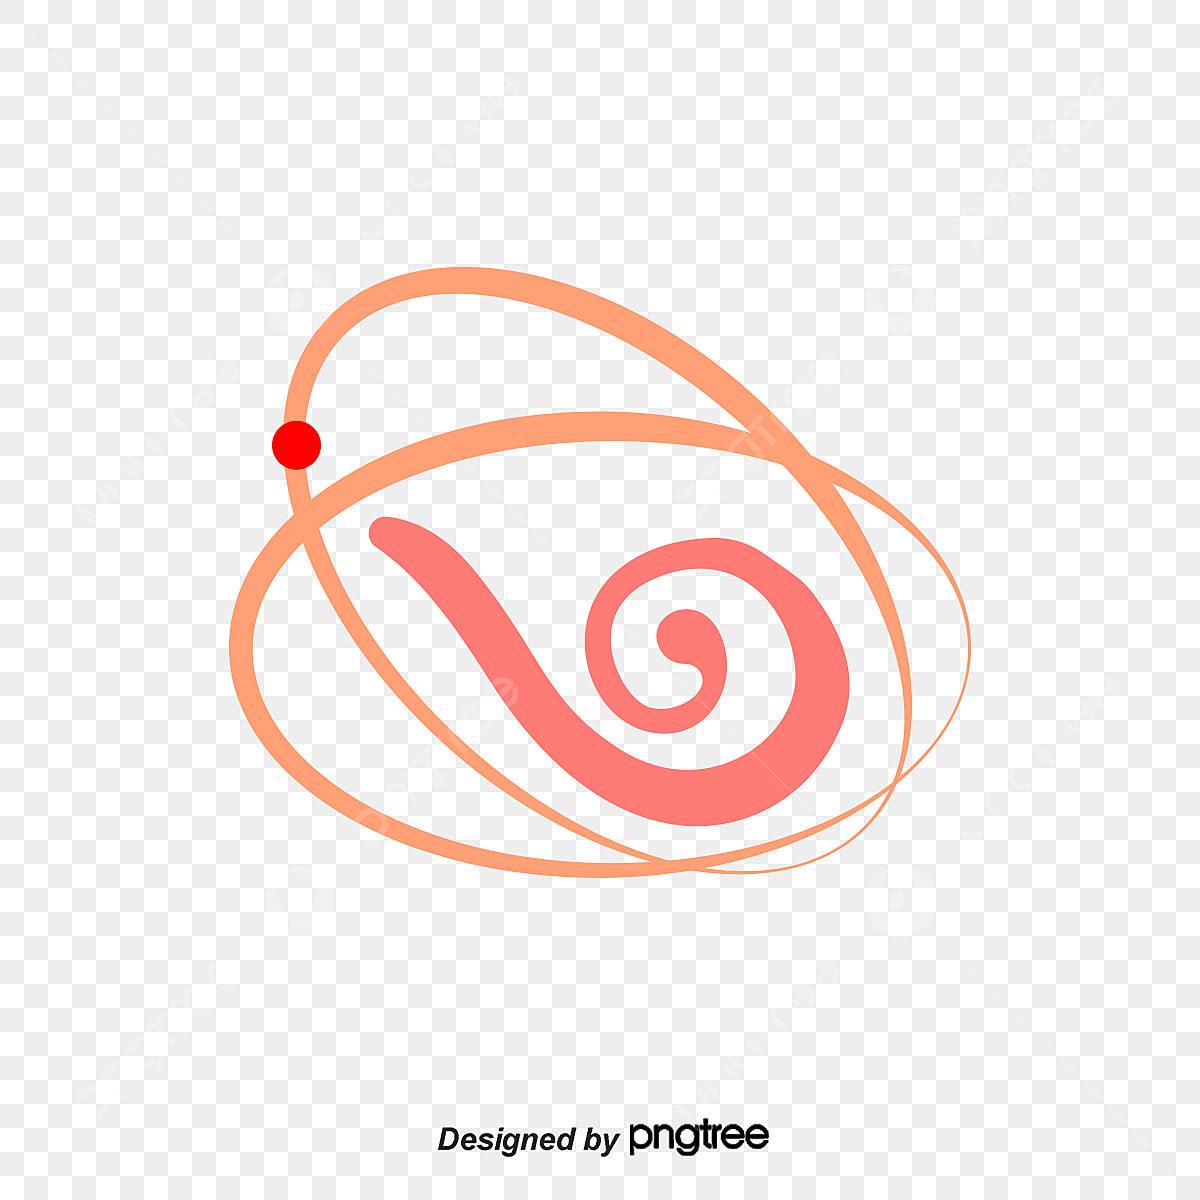 Jq Letter Logo Design White Letters Logo Jqlogo Design Png